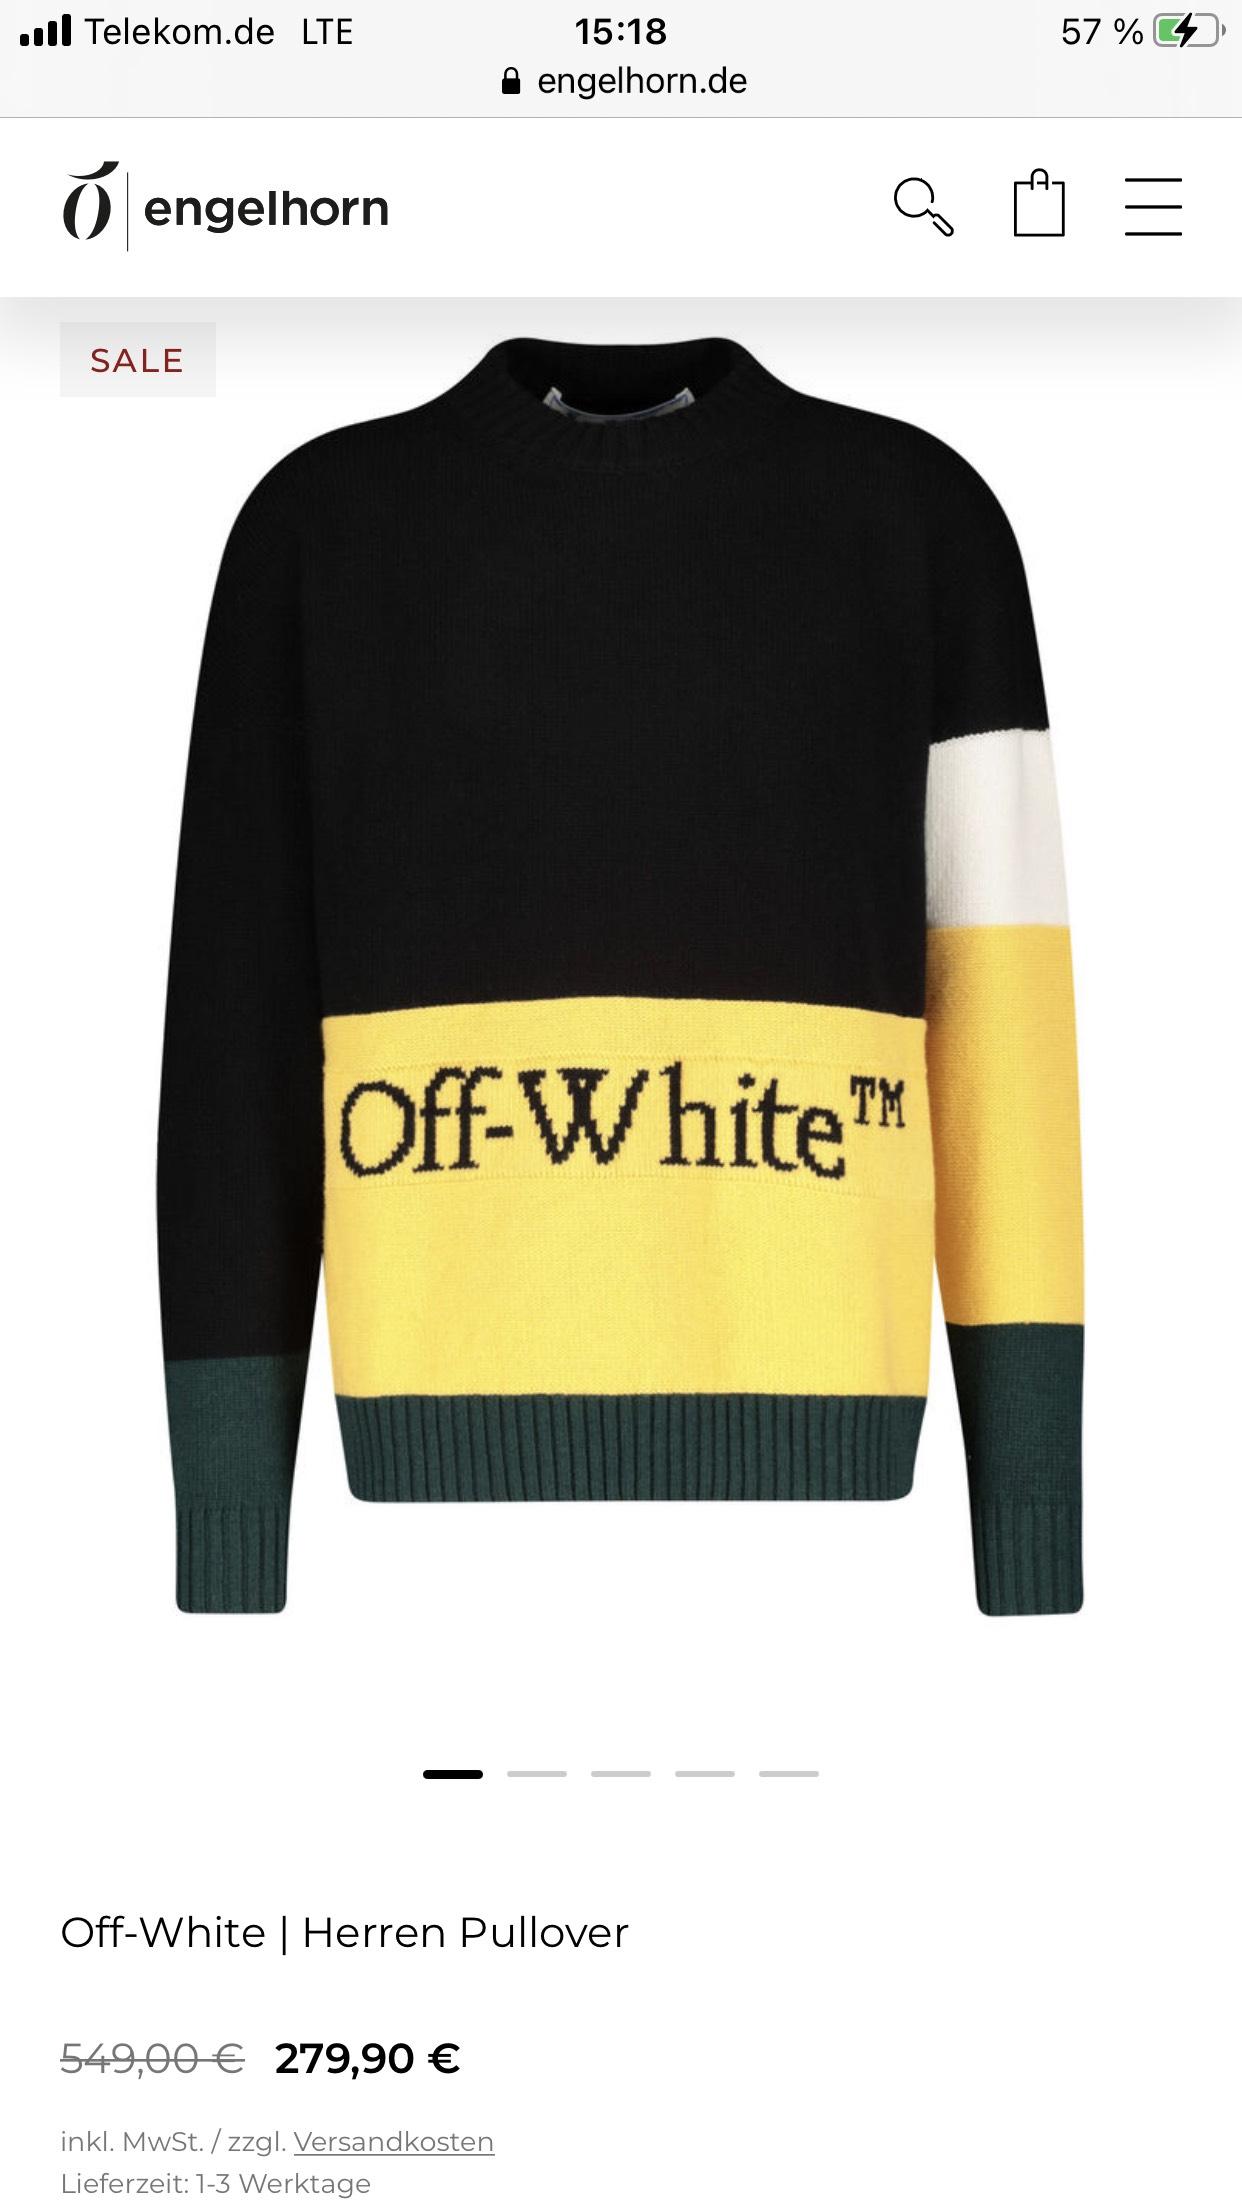 Off White Herren Pullover